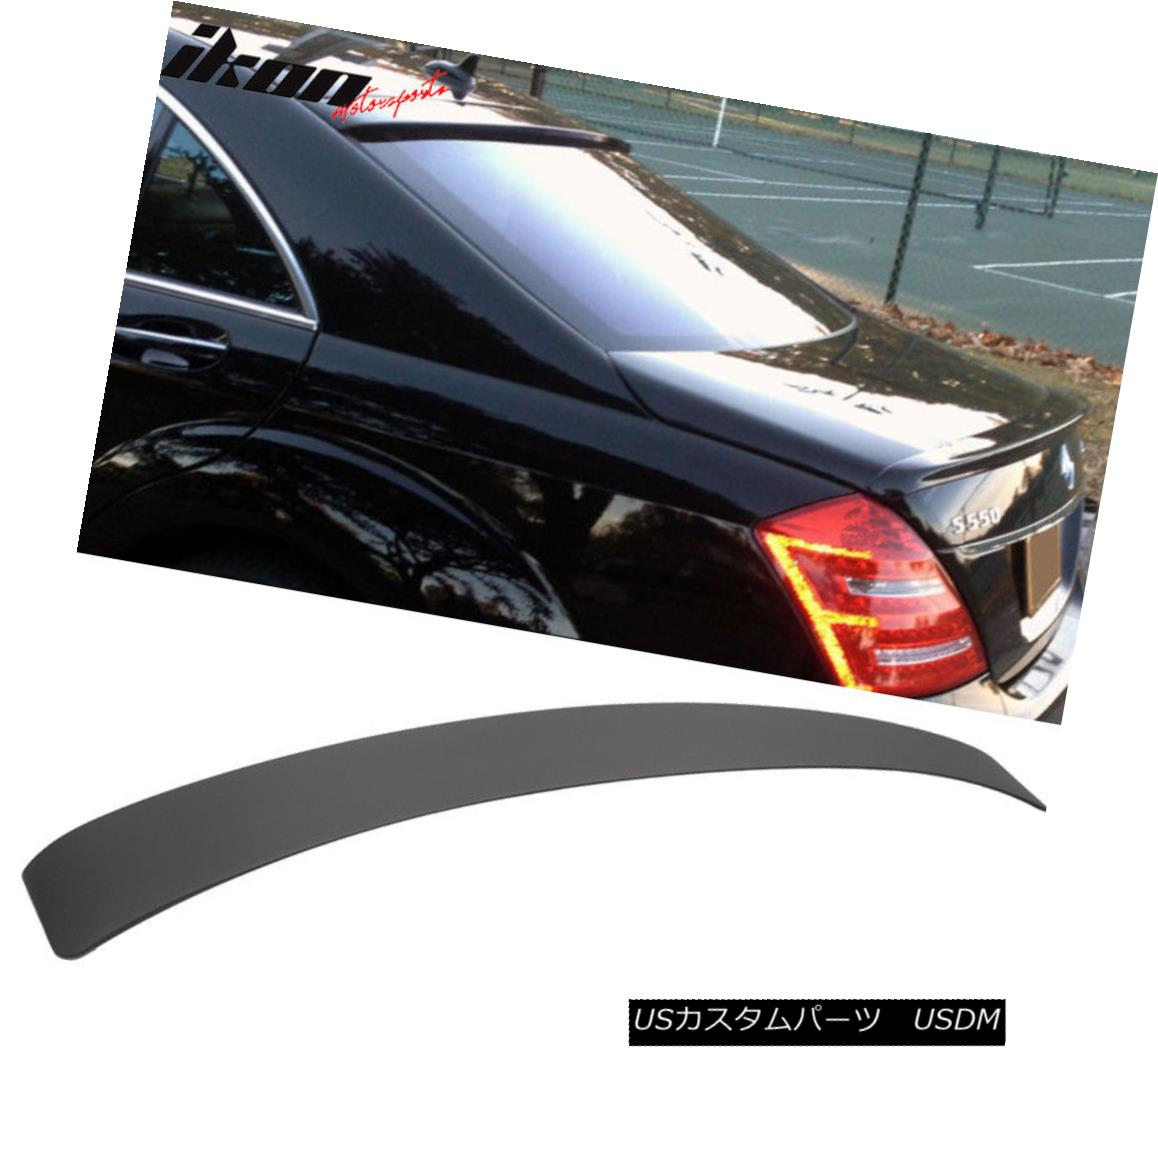 エアロパーツ Matte Black! 07-13 Benz W221 S Class L Style 4Dr Sedan Roof Spoiler Wing - ABS マットブラック! 07-13ベンツW221 SクラスLスタイル4Drセダンルーフスポイラーウィング - ABS